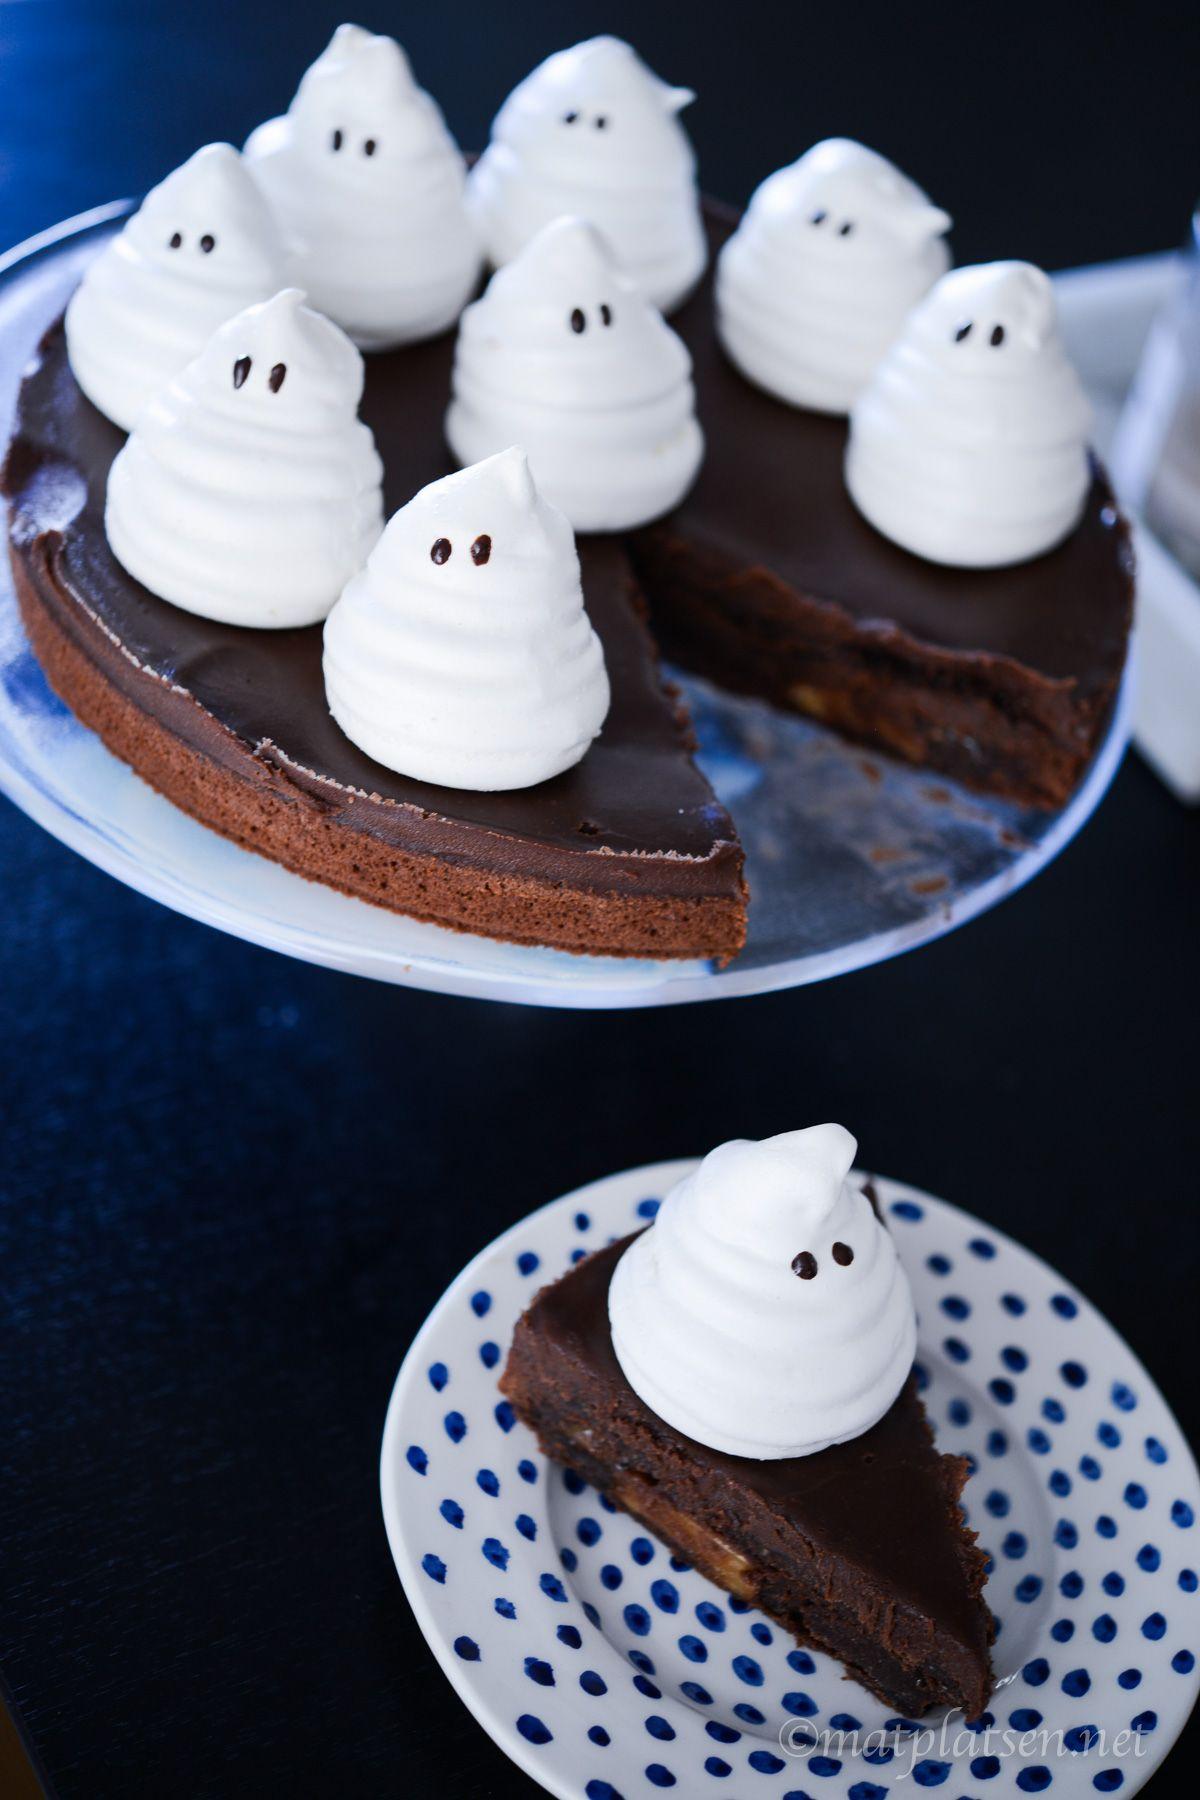 halloweenkaka Halloweentårta, Mat, Sötsaker